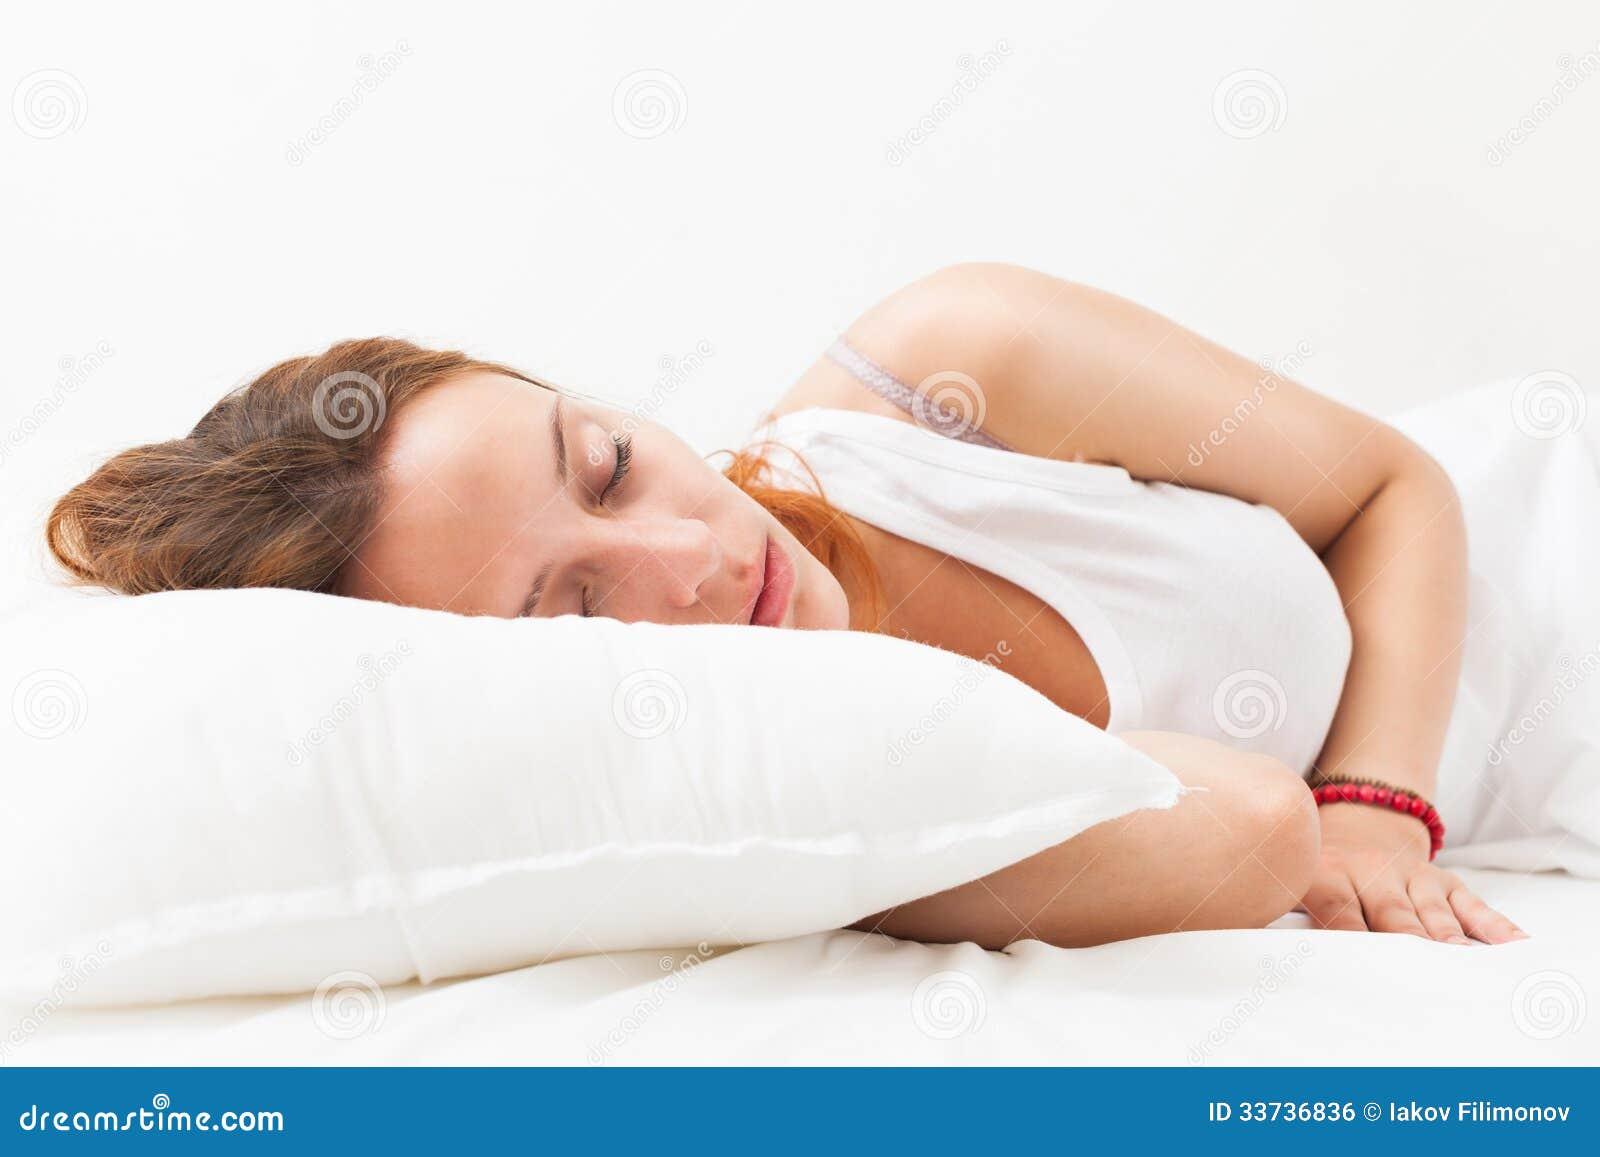 Рыжеволосая женщина спать на белой подушке в кровати дома